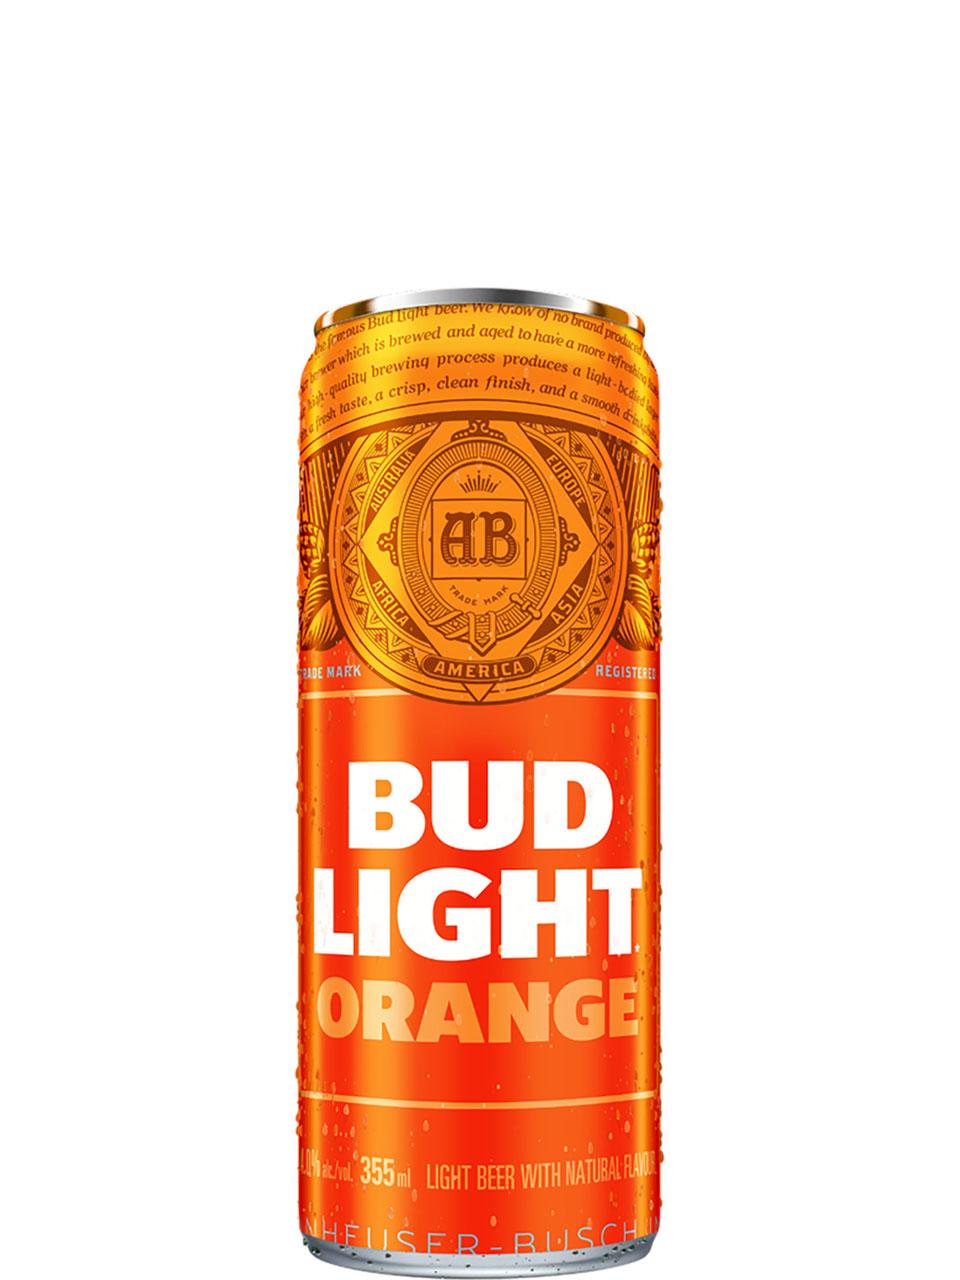 Bud Light Orange 12 Pack Cans